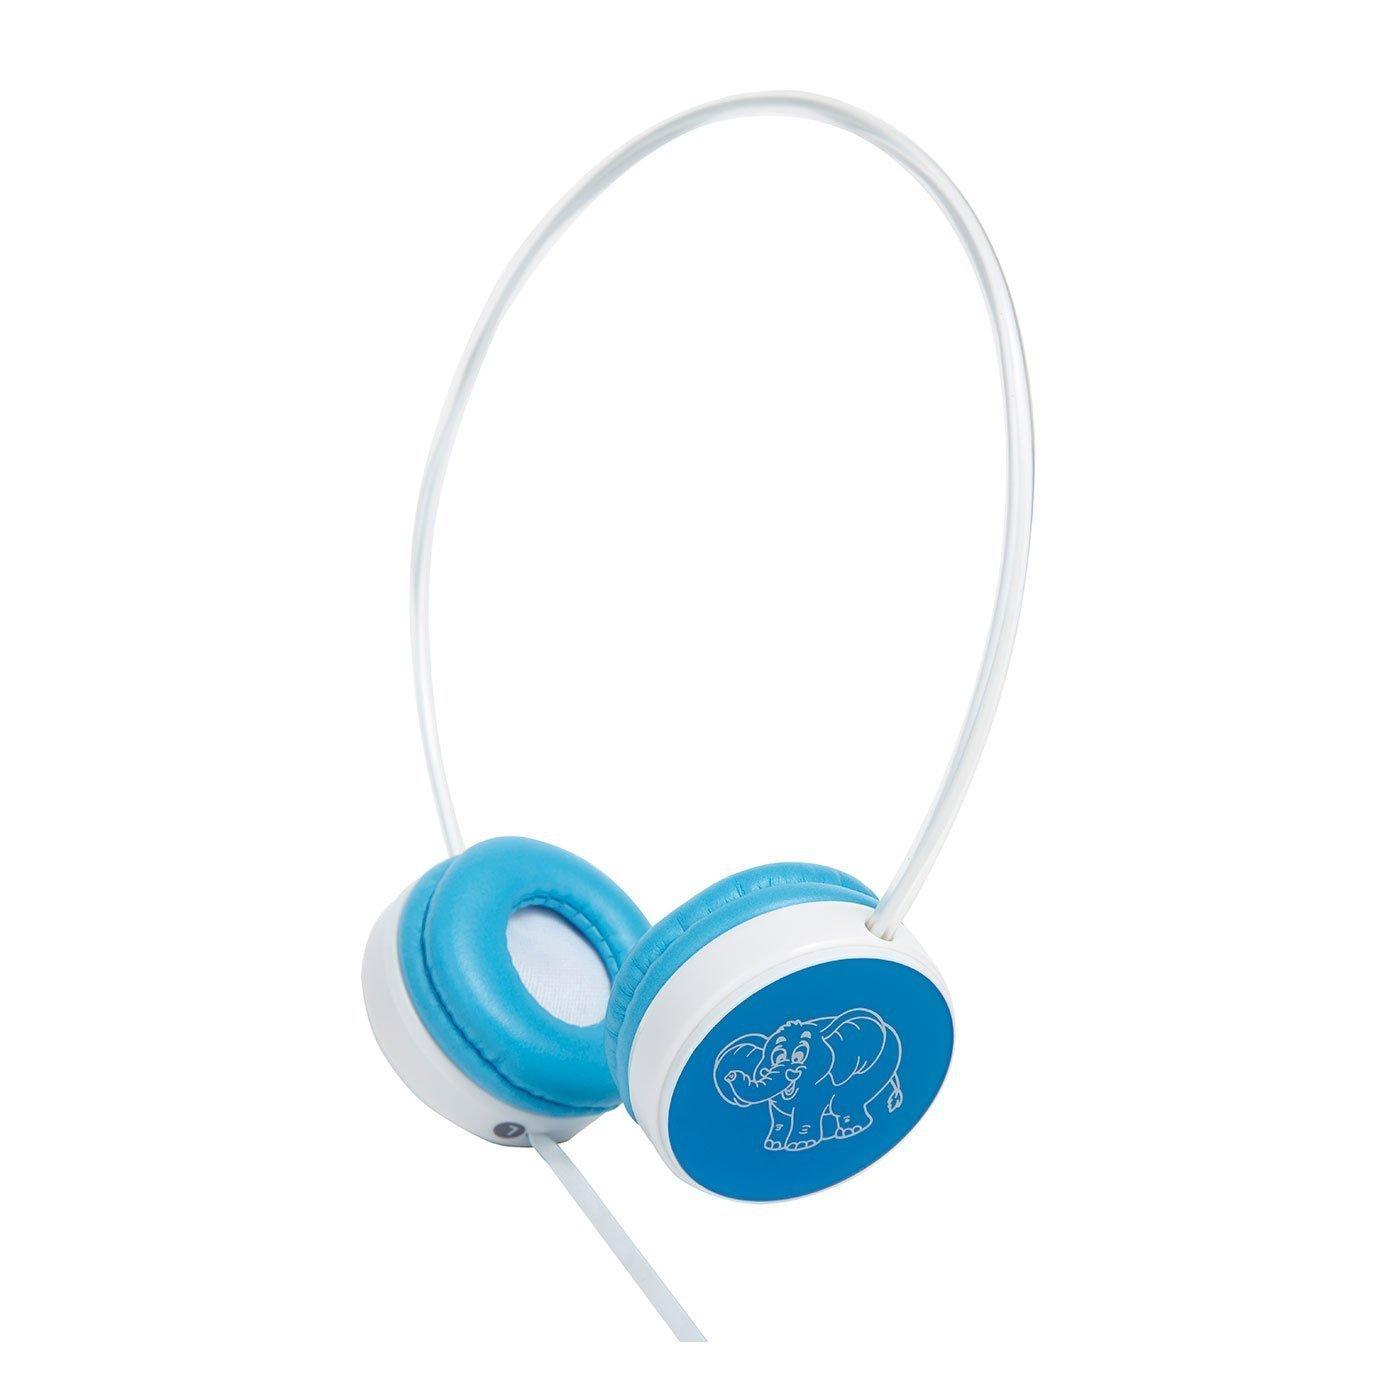 Groov-e Kids Children's Toy Playtime Noise Limited Blue Over Ear Earphones Thumbnail 1